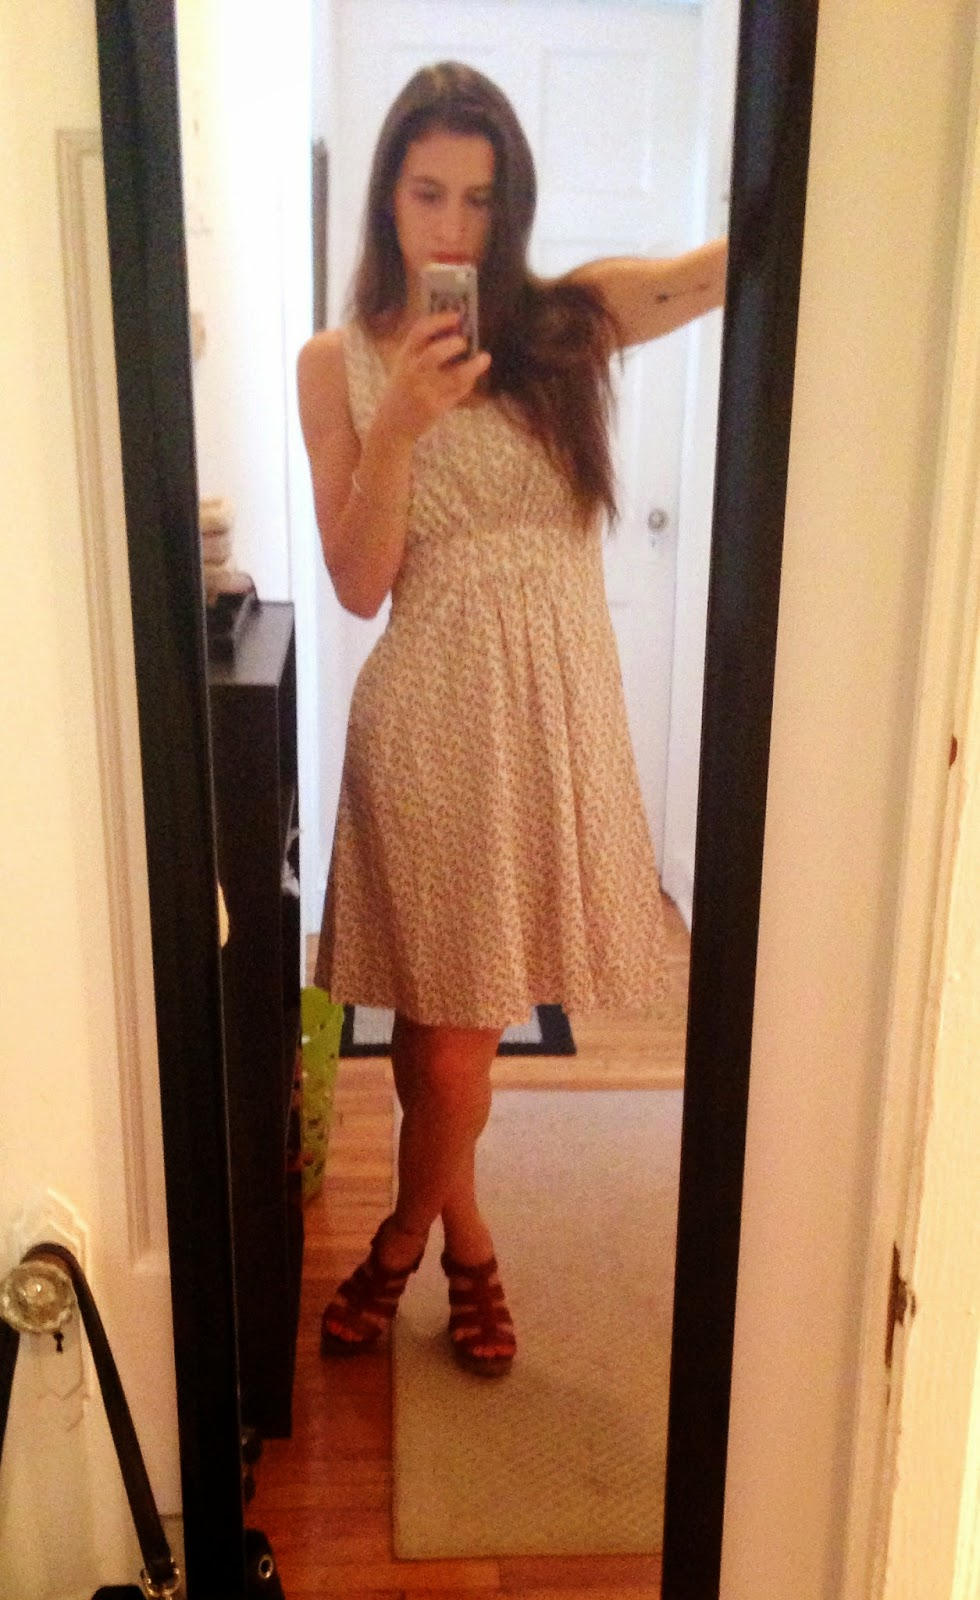 Alyssagoesbang this dress has pockets